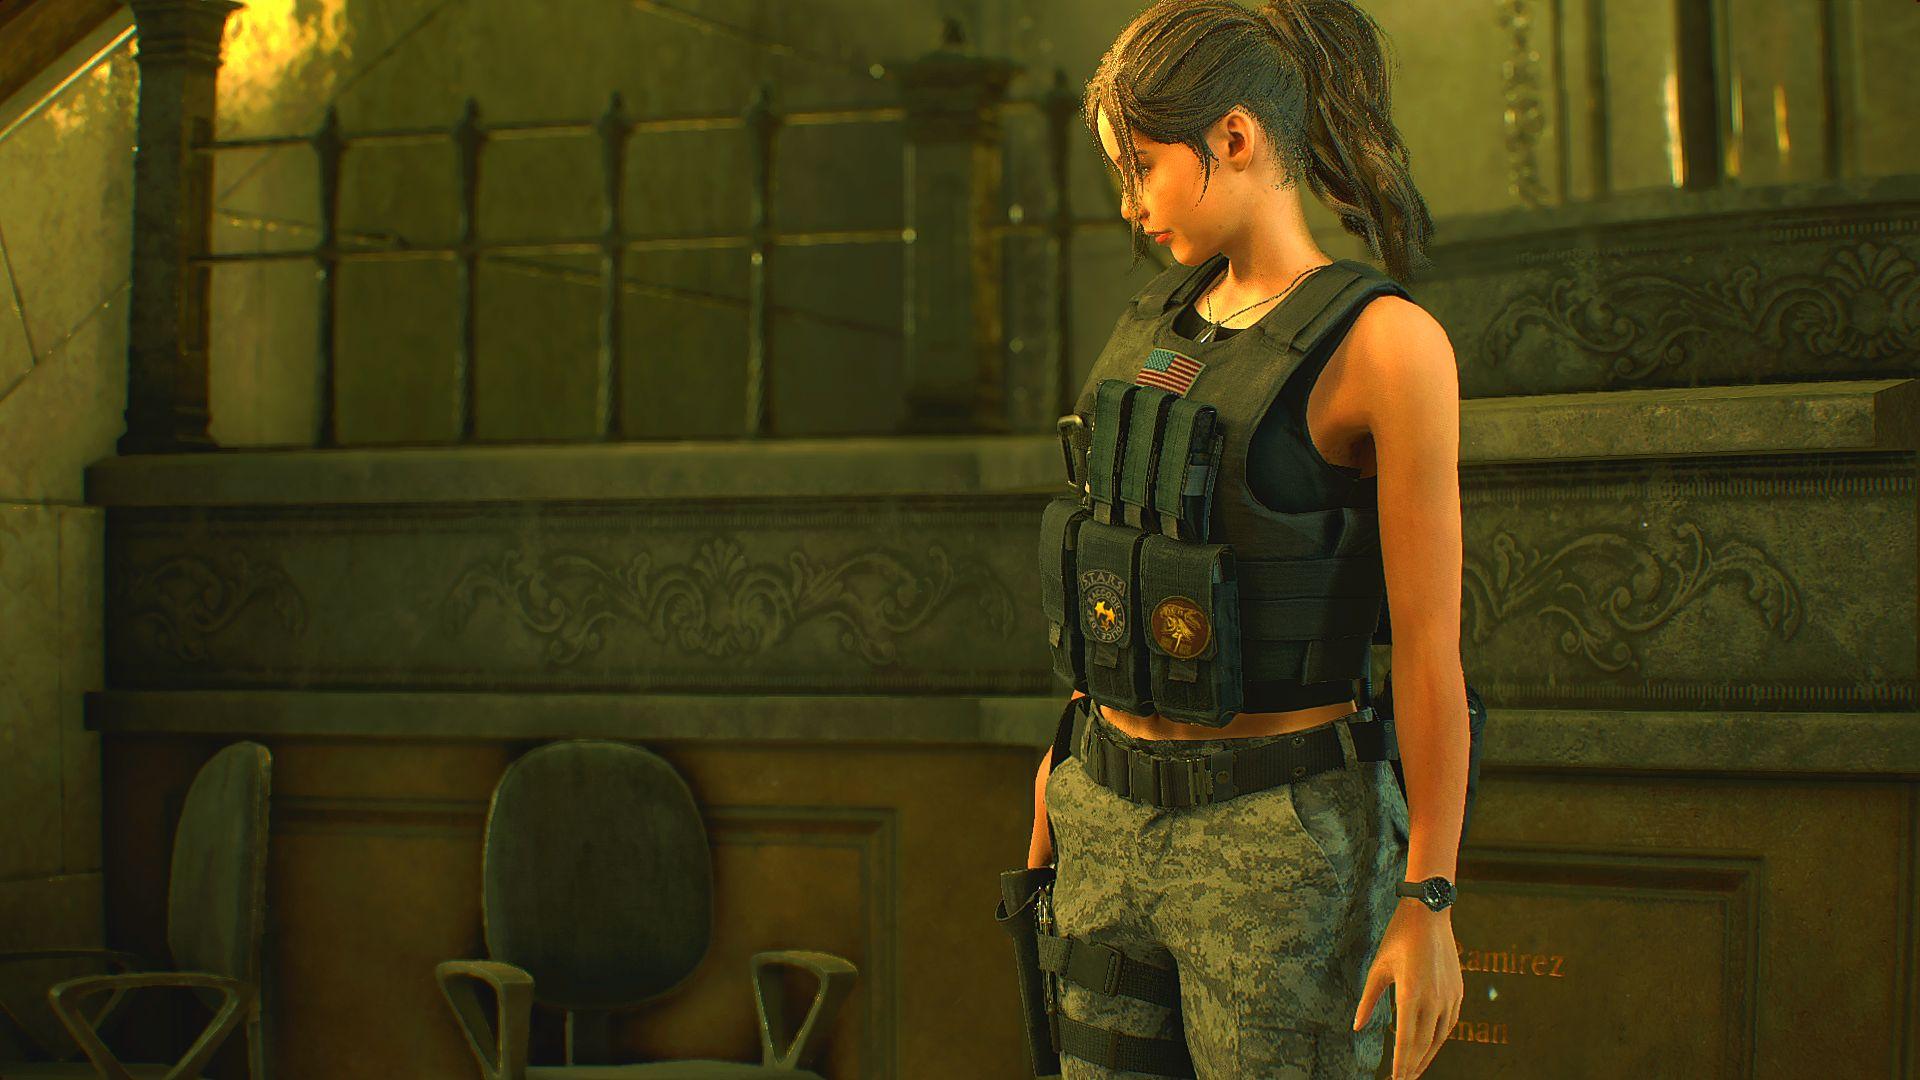 000214.Jpg - Resident Evil 2